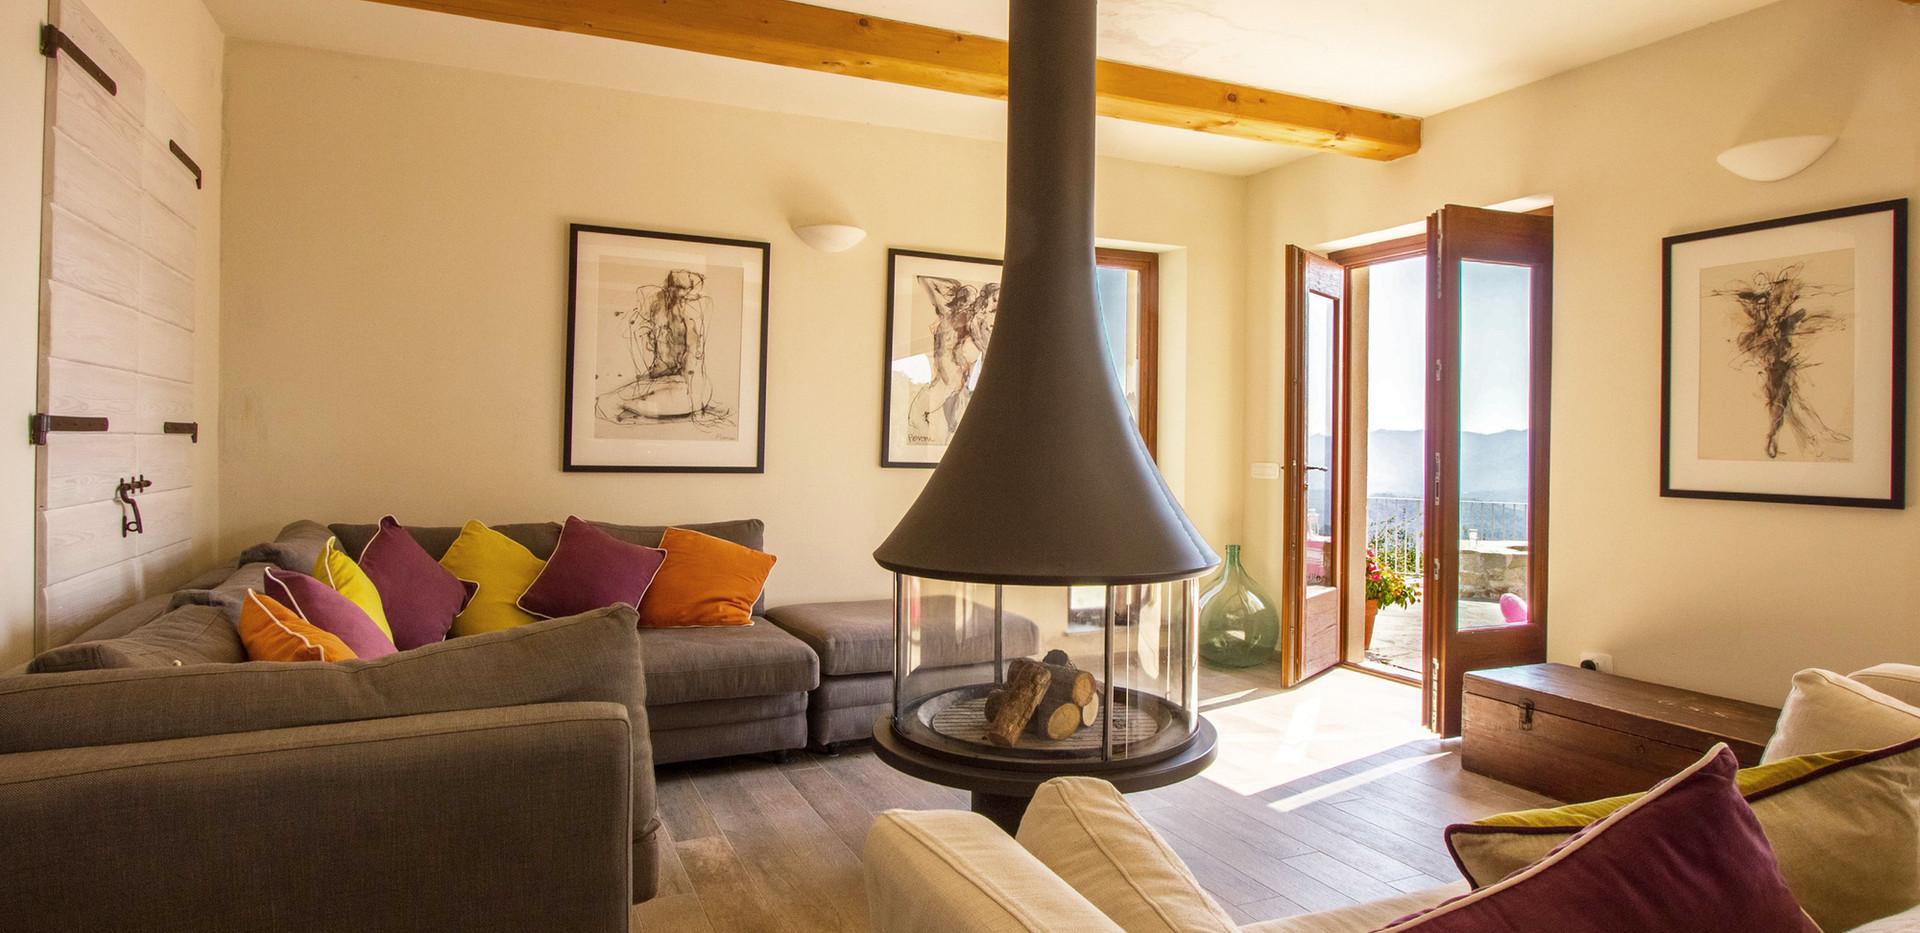 Living room_5445-HDR_risultato.jpg